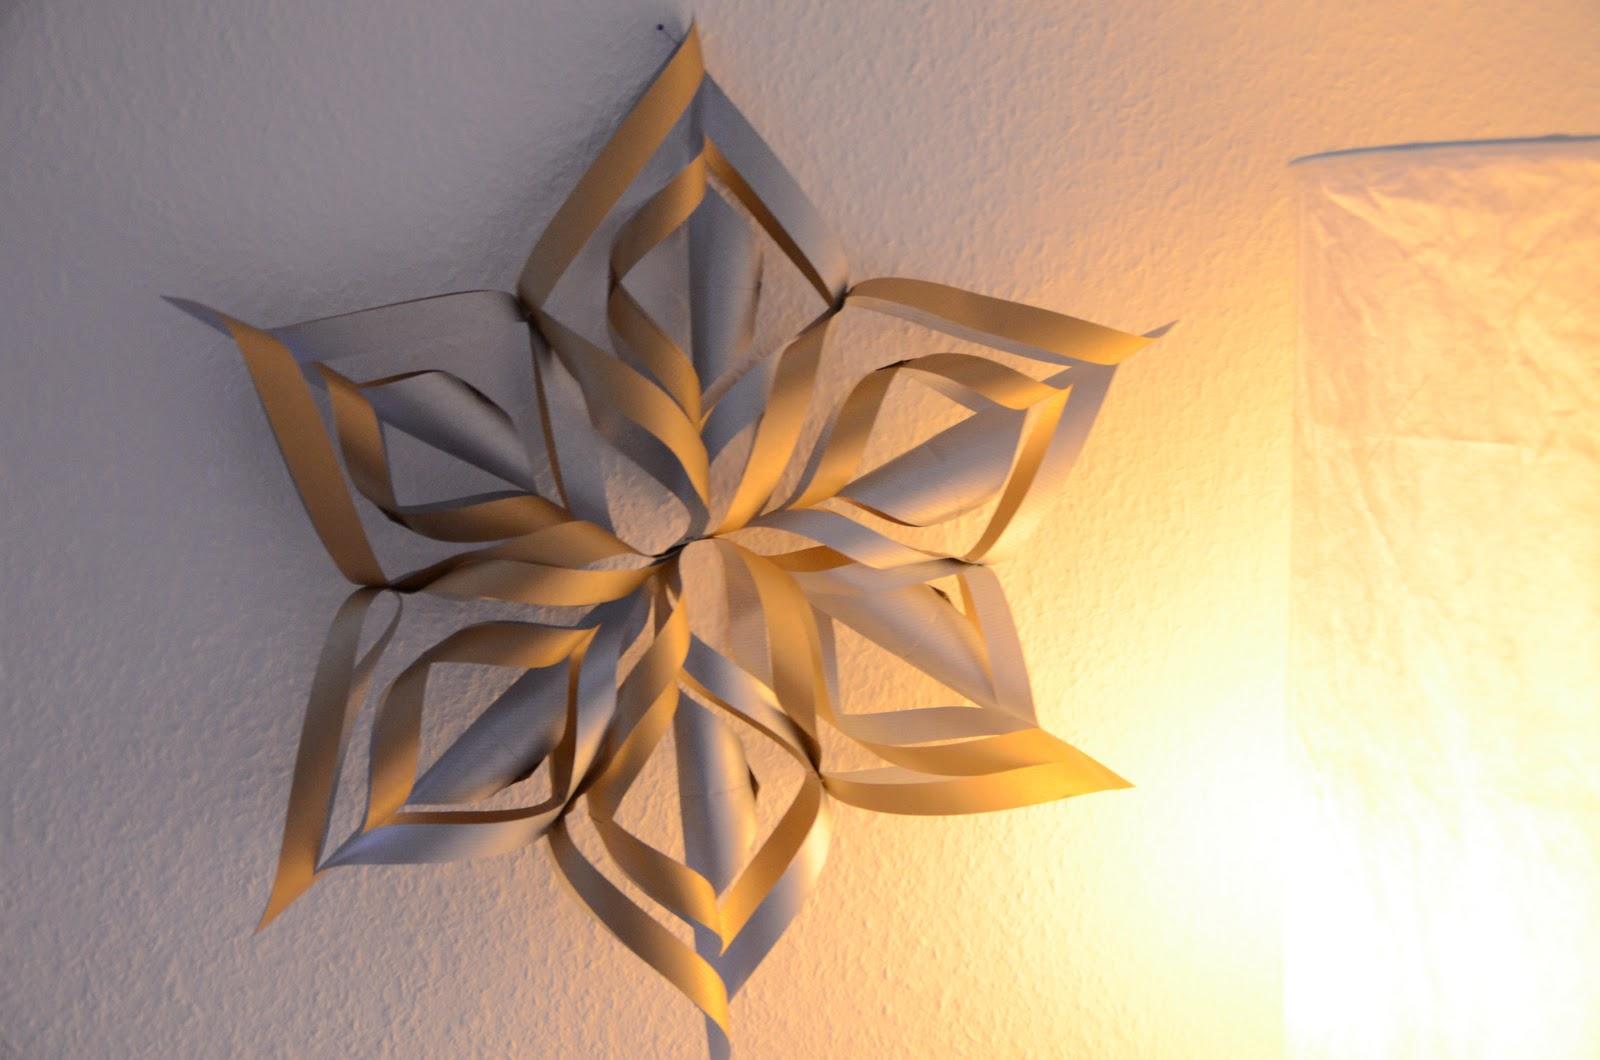 schokominza diy weihnachtsstern aus papier. Black Bedroom Furniture Sets. Home Design Ideas